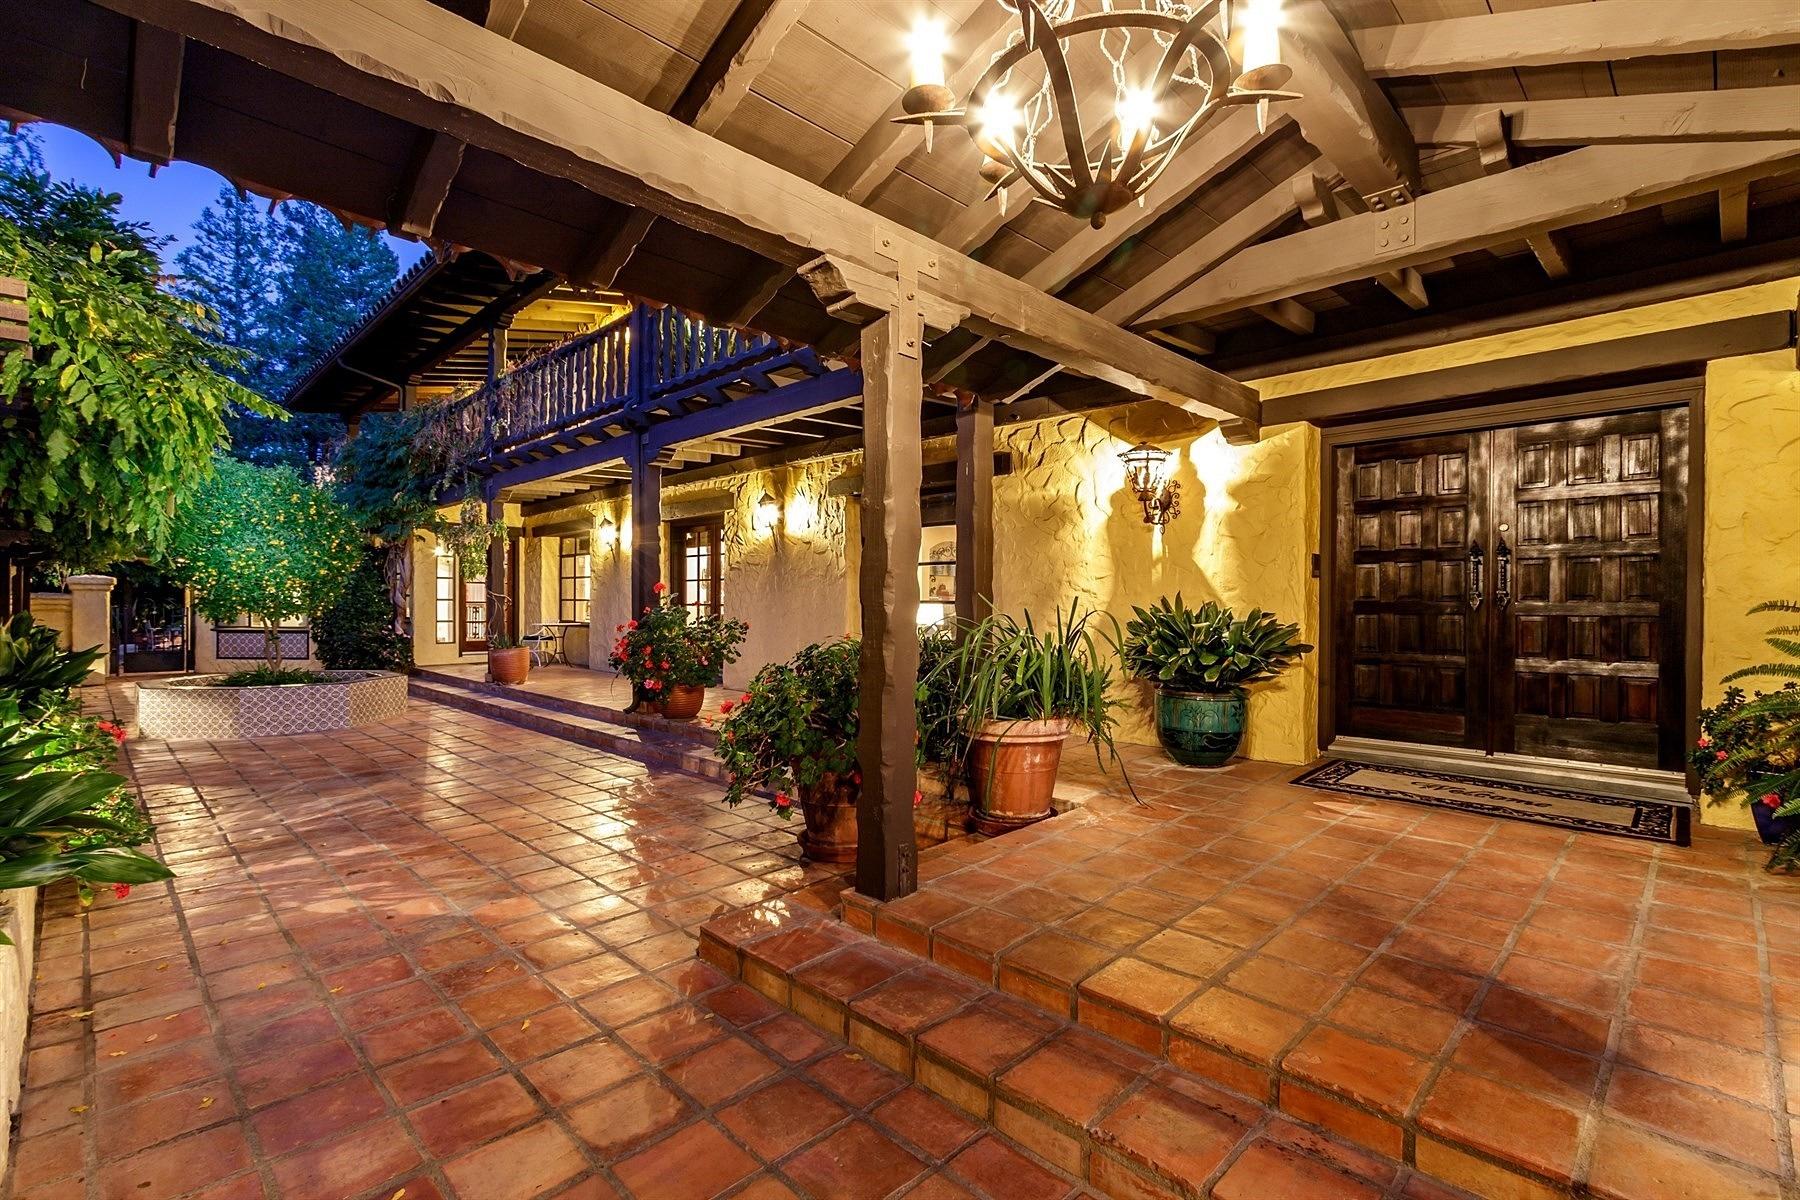 Частный односемейный дом для того Продажа на Mediterranean Oasis Estate 1180 Sebastian Lane Walnut Creek, Калифорния 94598 Соединенные Штаты